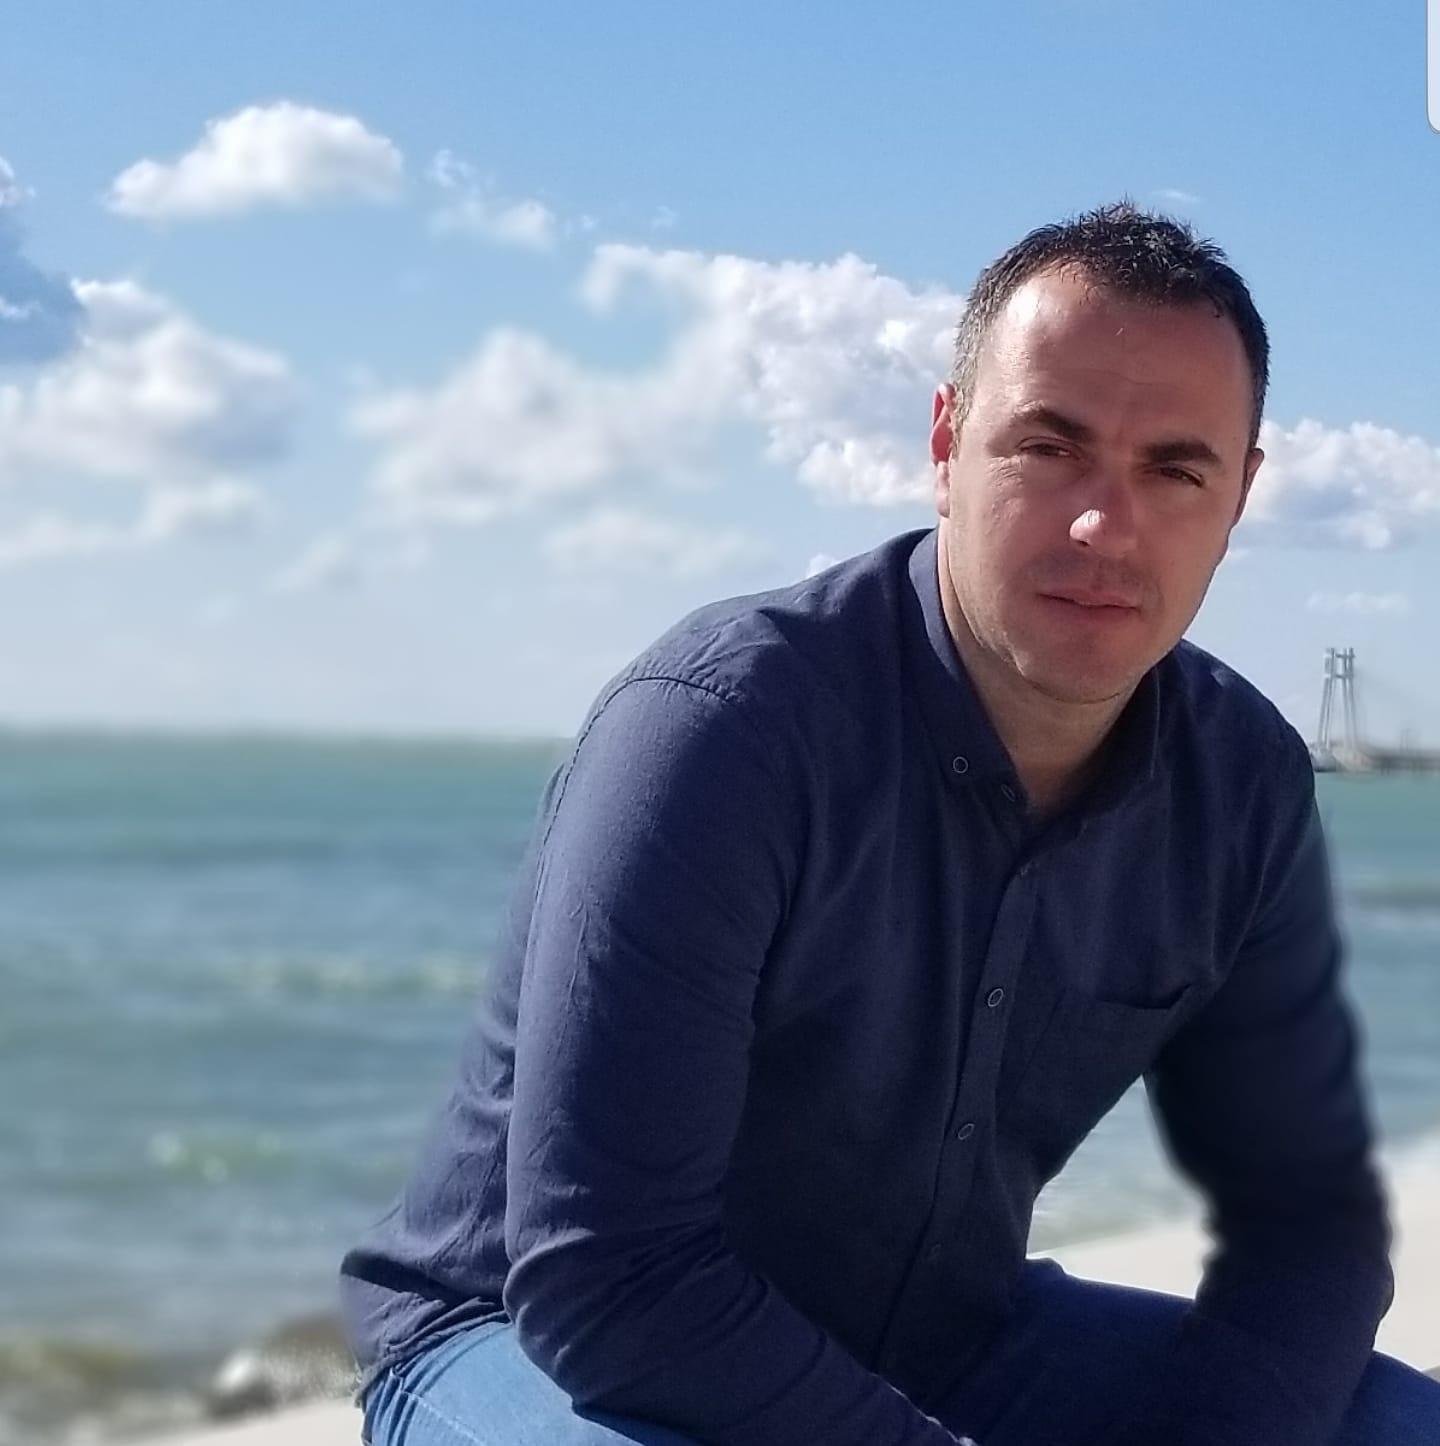 Anëtarët e Këshillit Kombëtar të PD/ Ish-kandidati për deputet: Nuk ka Durrësi emra të rinj?!